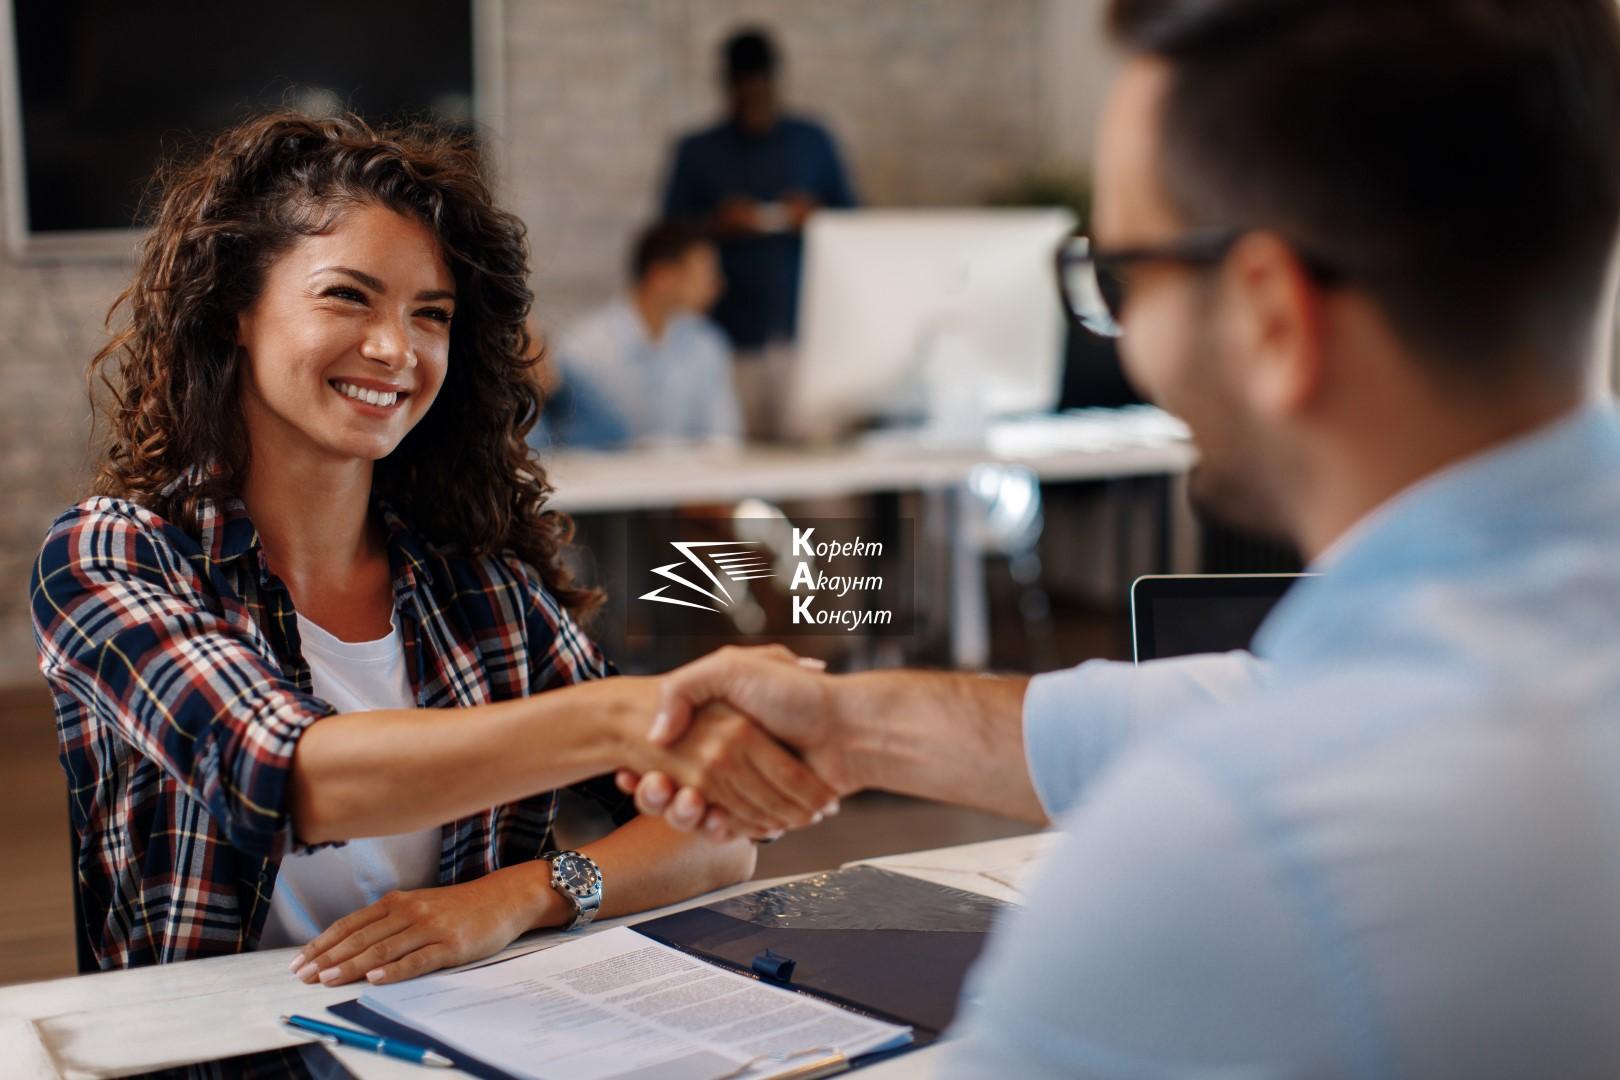 Работодатели могат да наемат на втори трудов договор работници в неплатен отпуск от други фирми